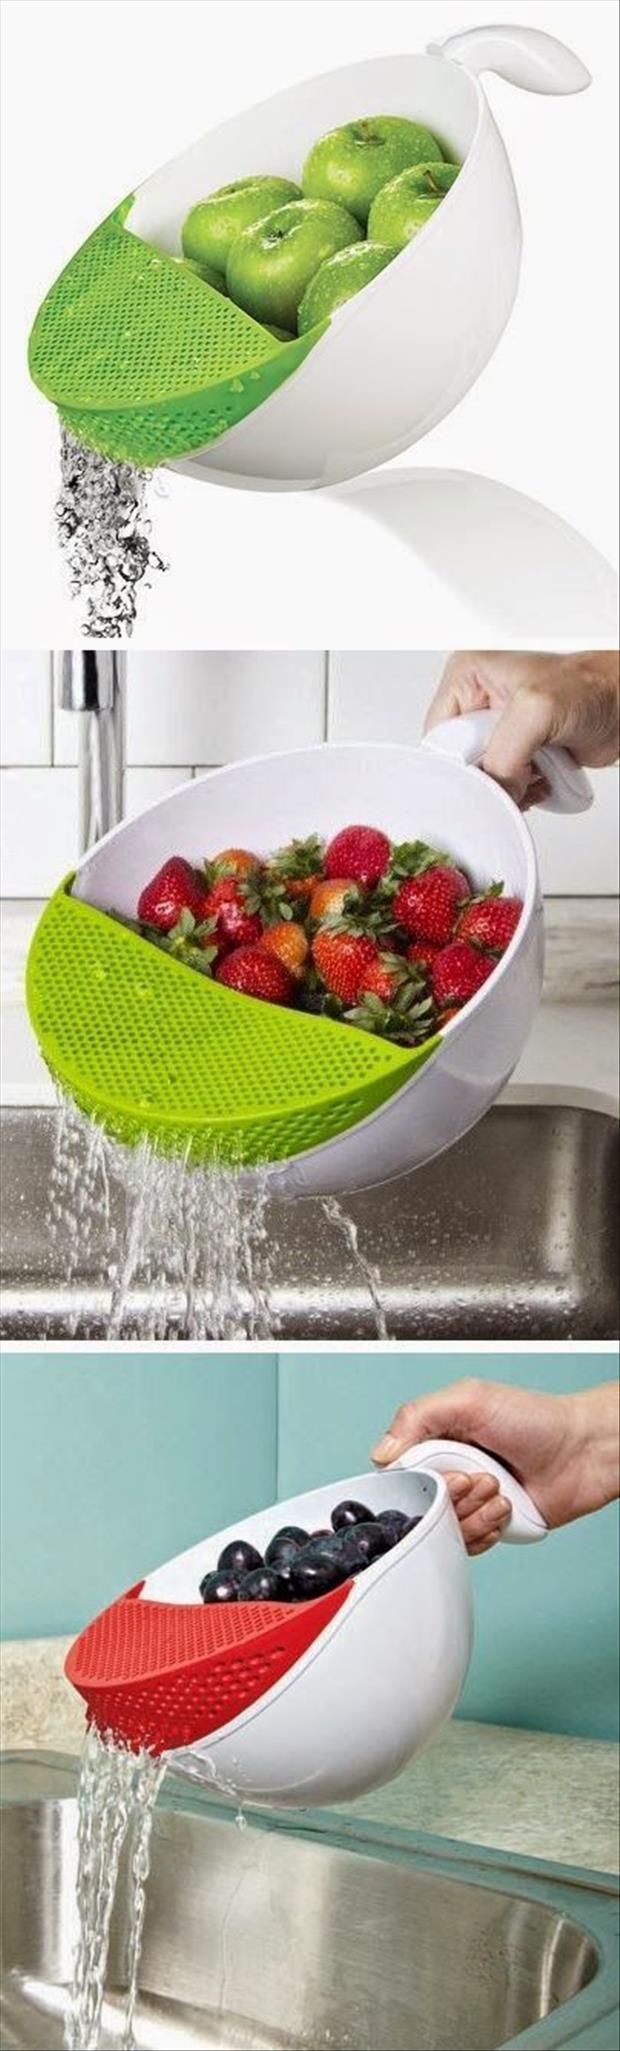 Egoutteur pous fruits et légumes, un gadget sympa en cuisine !